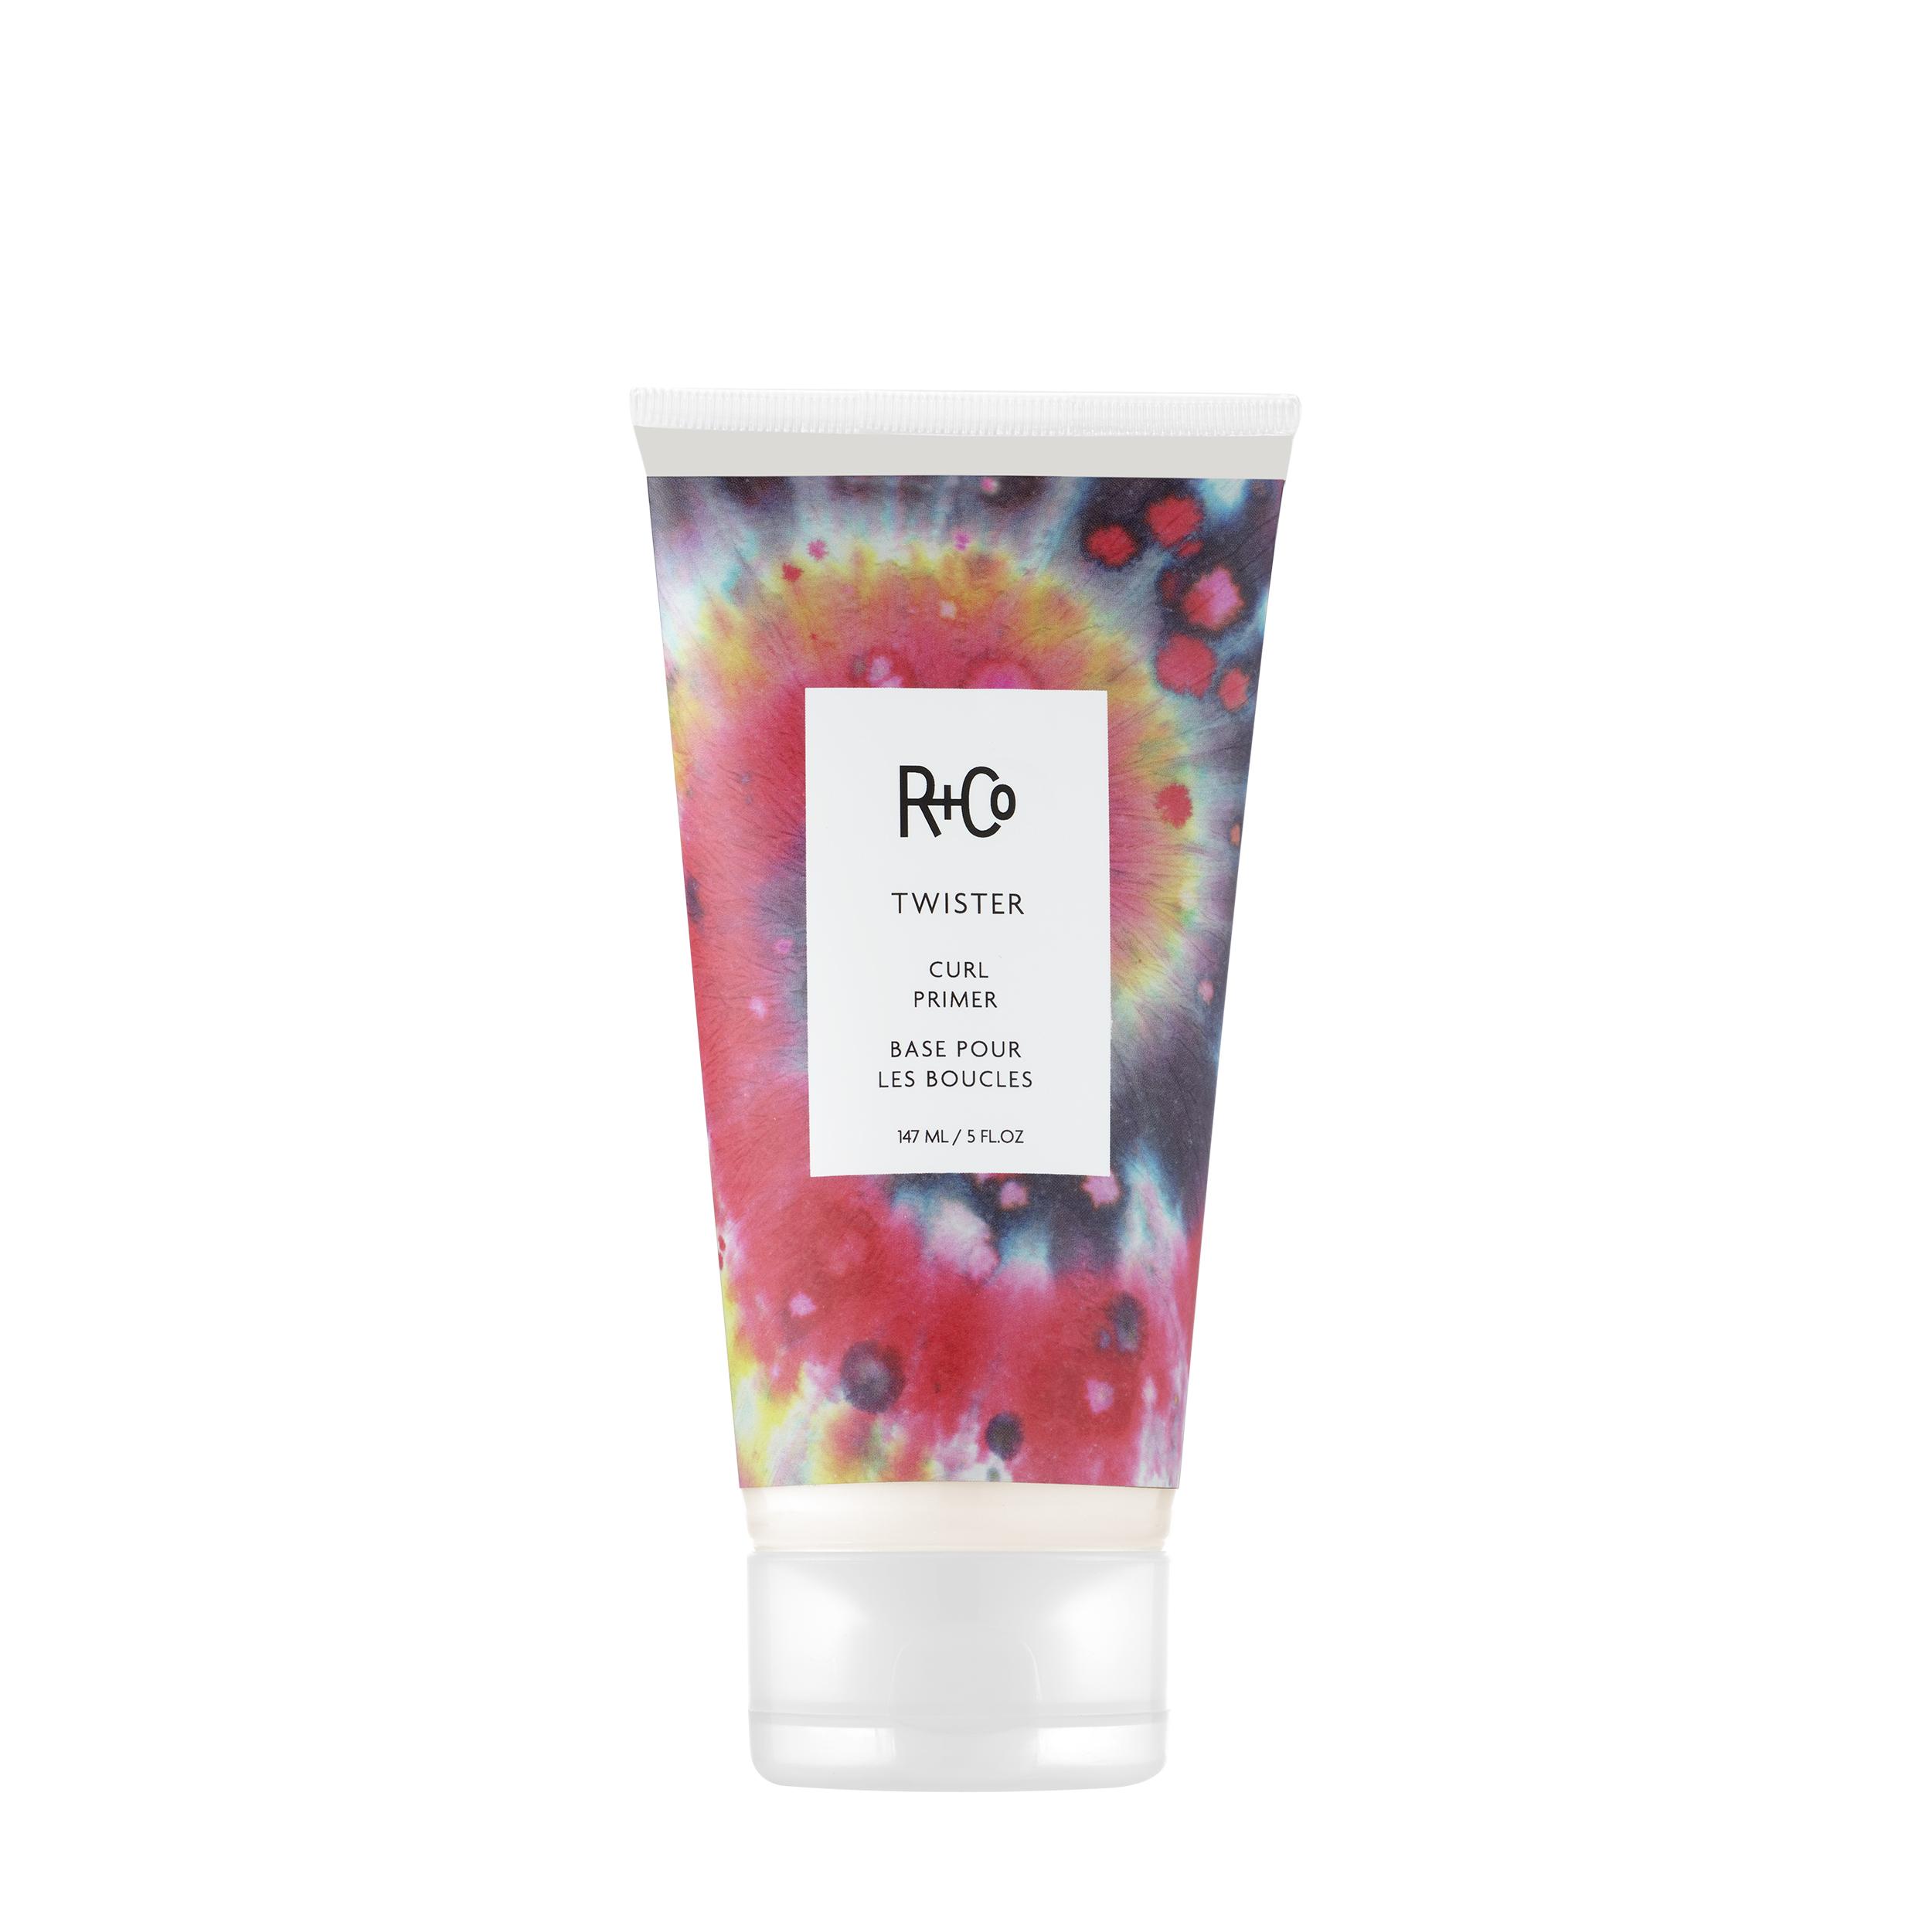 R+CO Праймер для вьющихся волос «Twister» 147 мл фото